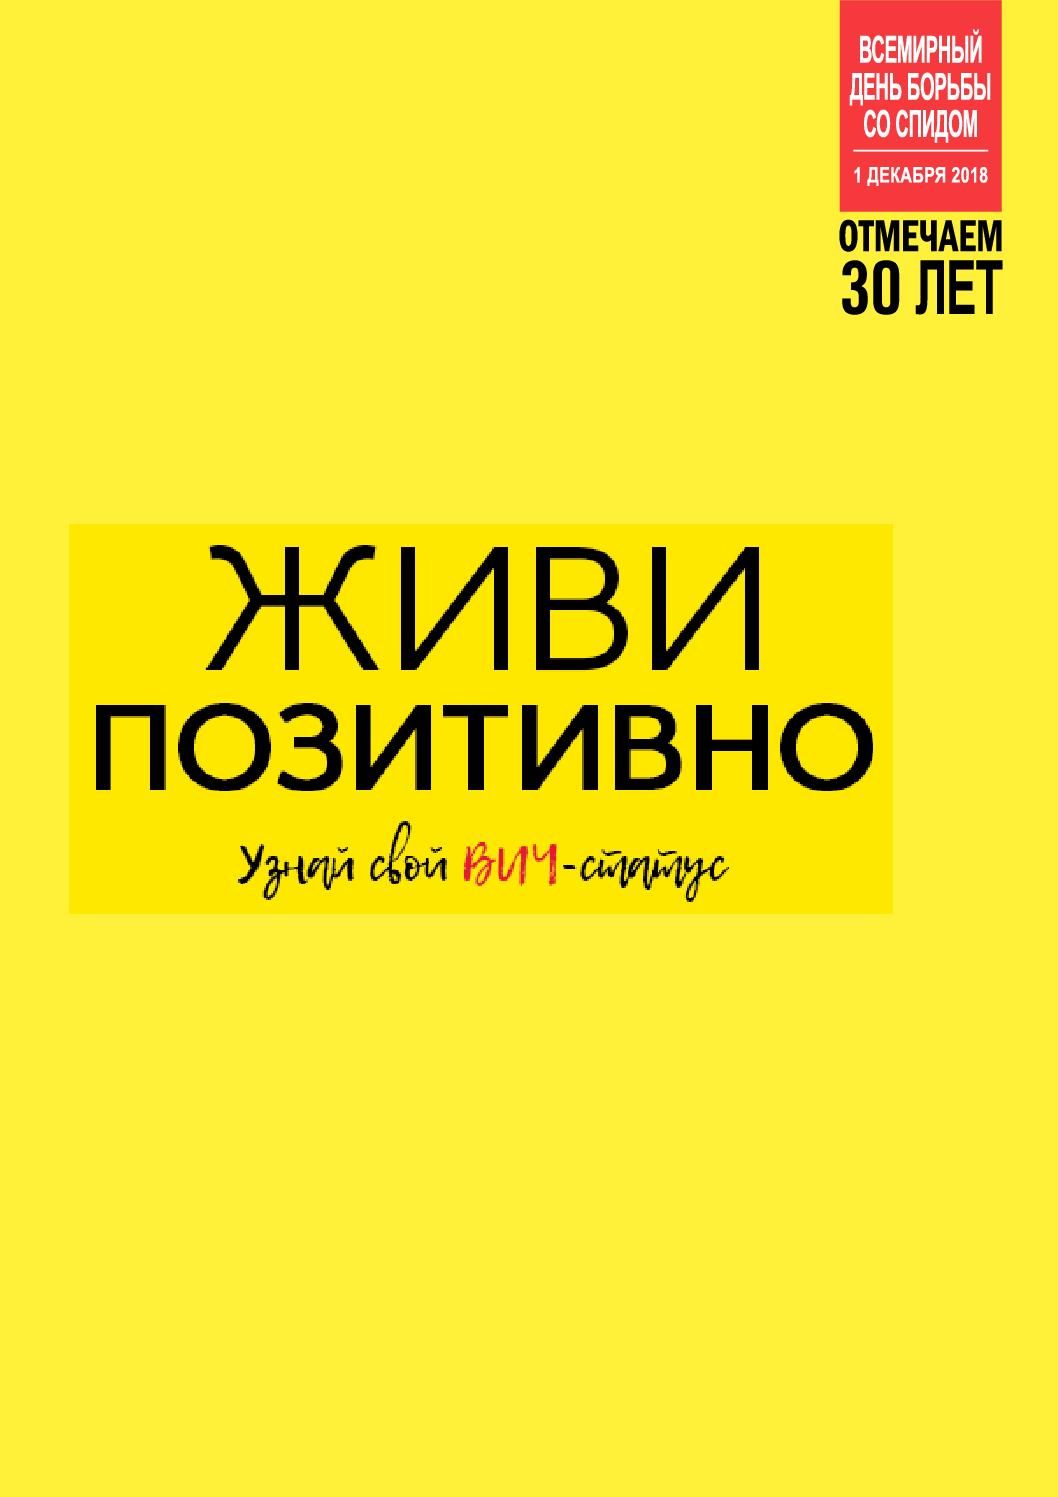 WorldAIDSday_LivePositively_Ru_v2-2-pdf.jpg